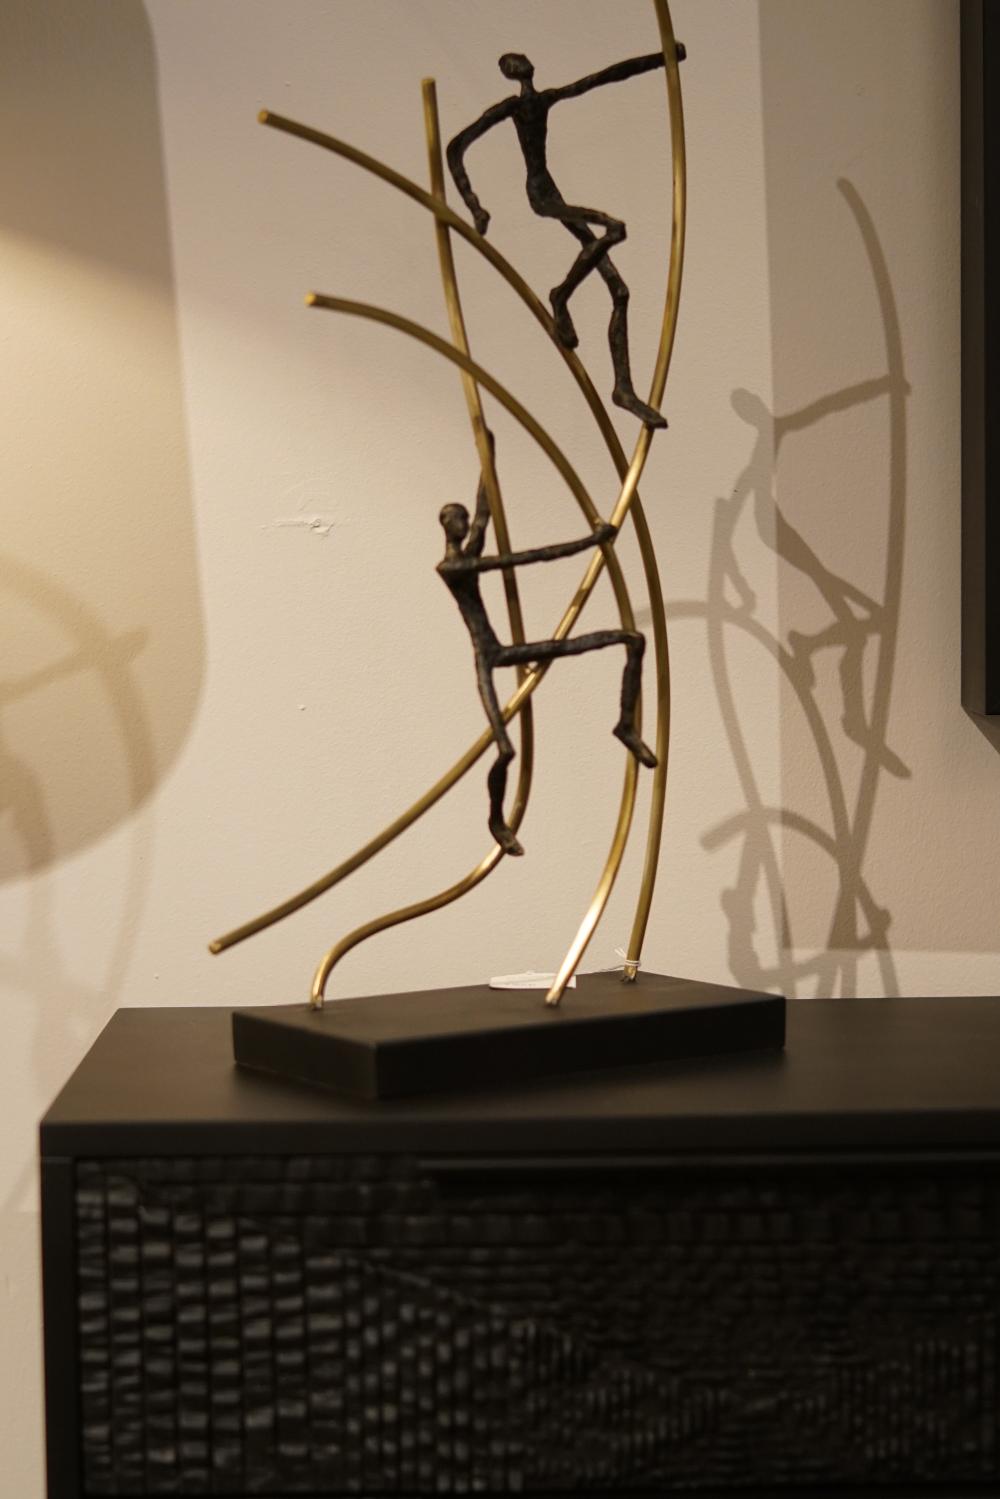 dolce-vita-design-interior-designer-miami-fl-florida-details-10